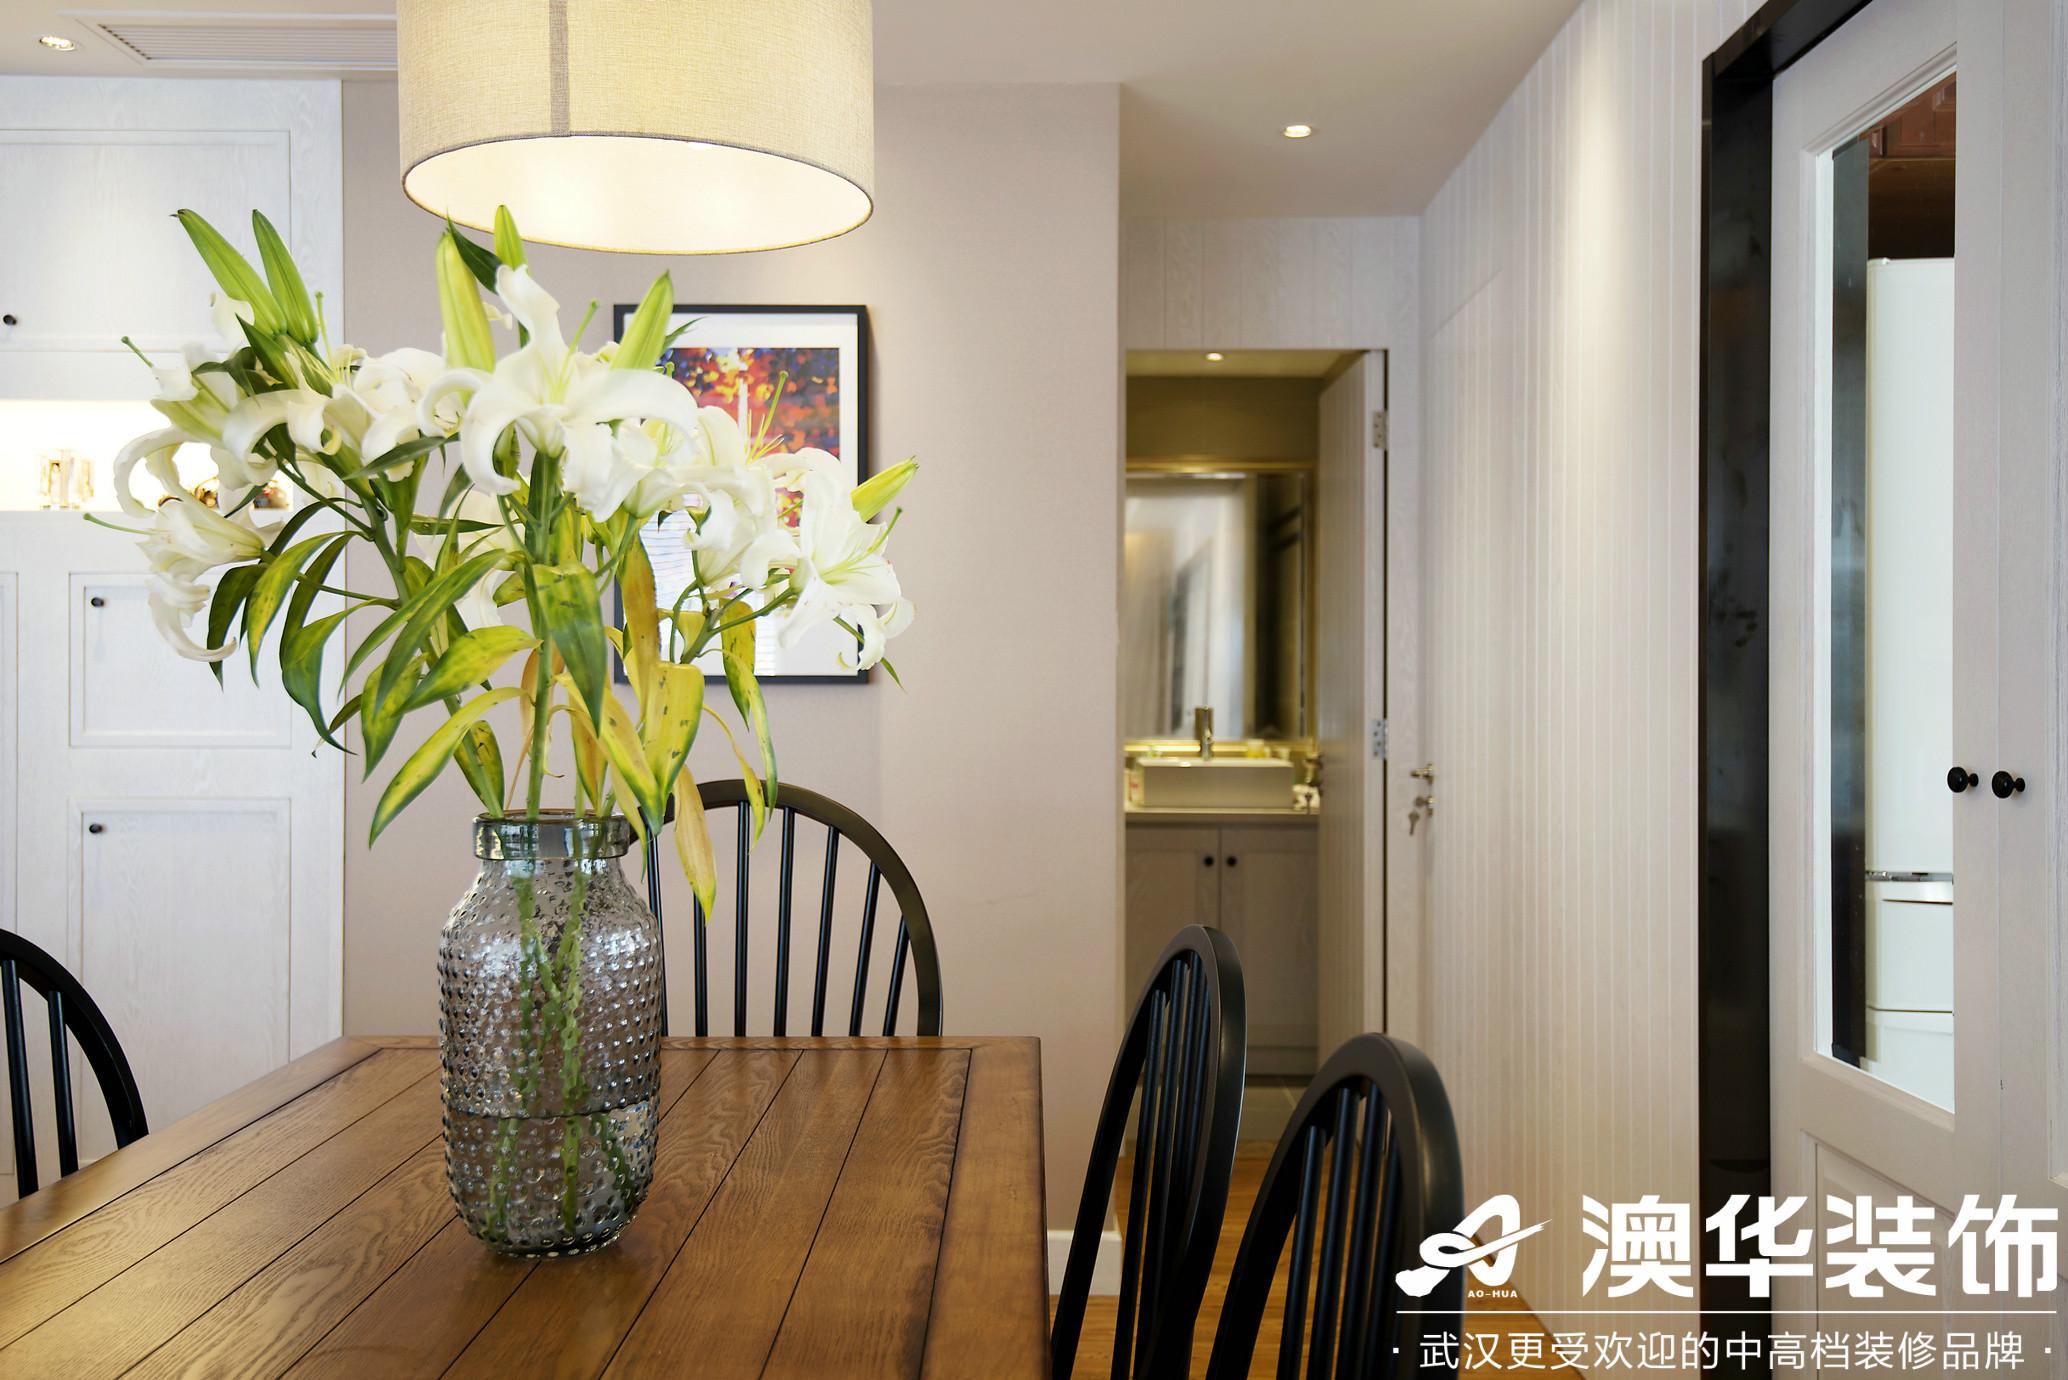 客厅图片来自澳华装饰有限公司在远洋世界剑桥郡美式风格的分享